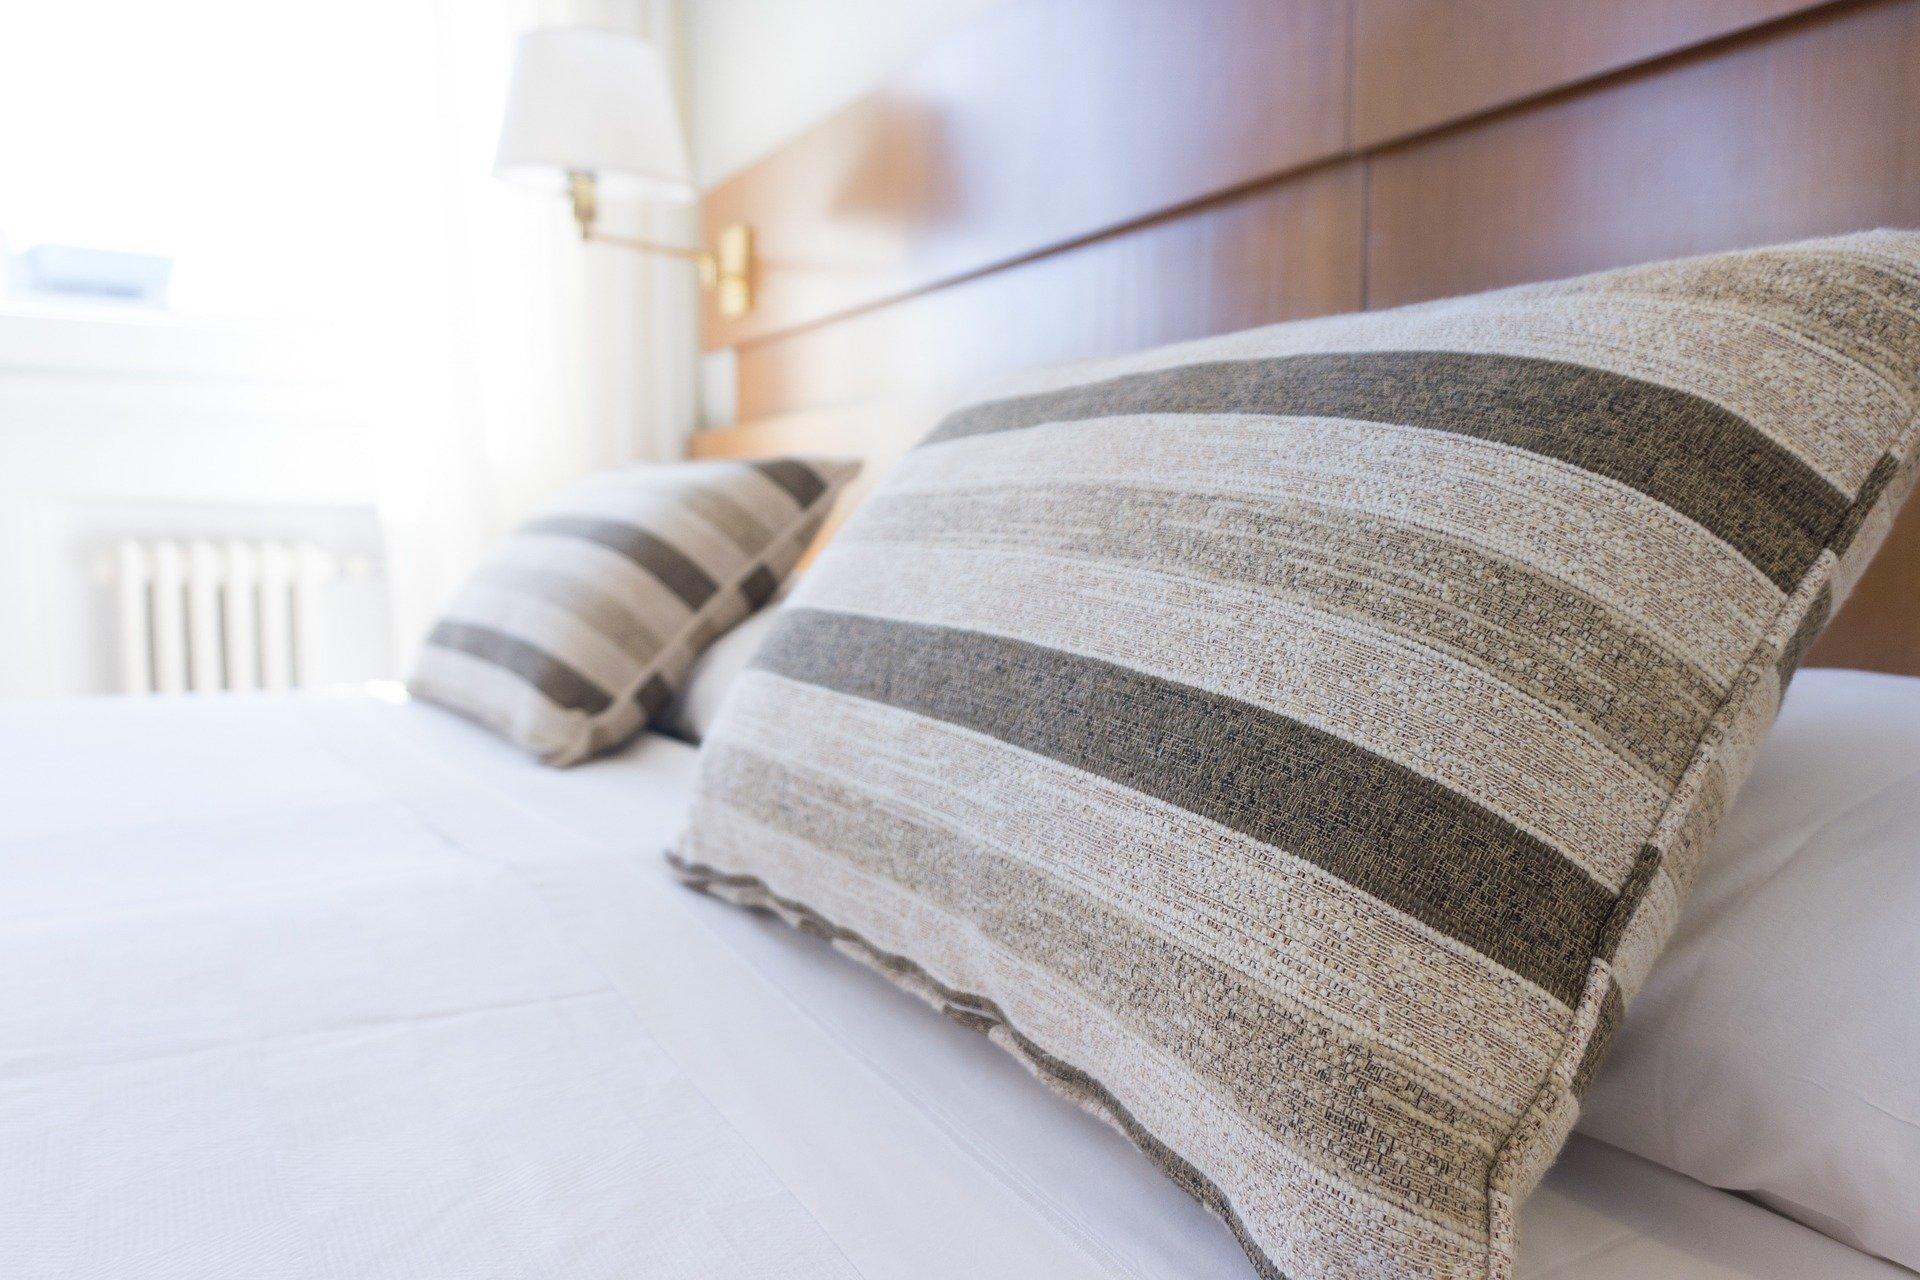 心配事で眠れない時の対処法 睡眠薬を使わず不眠を解消